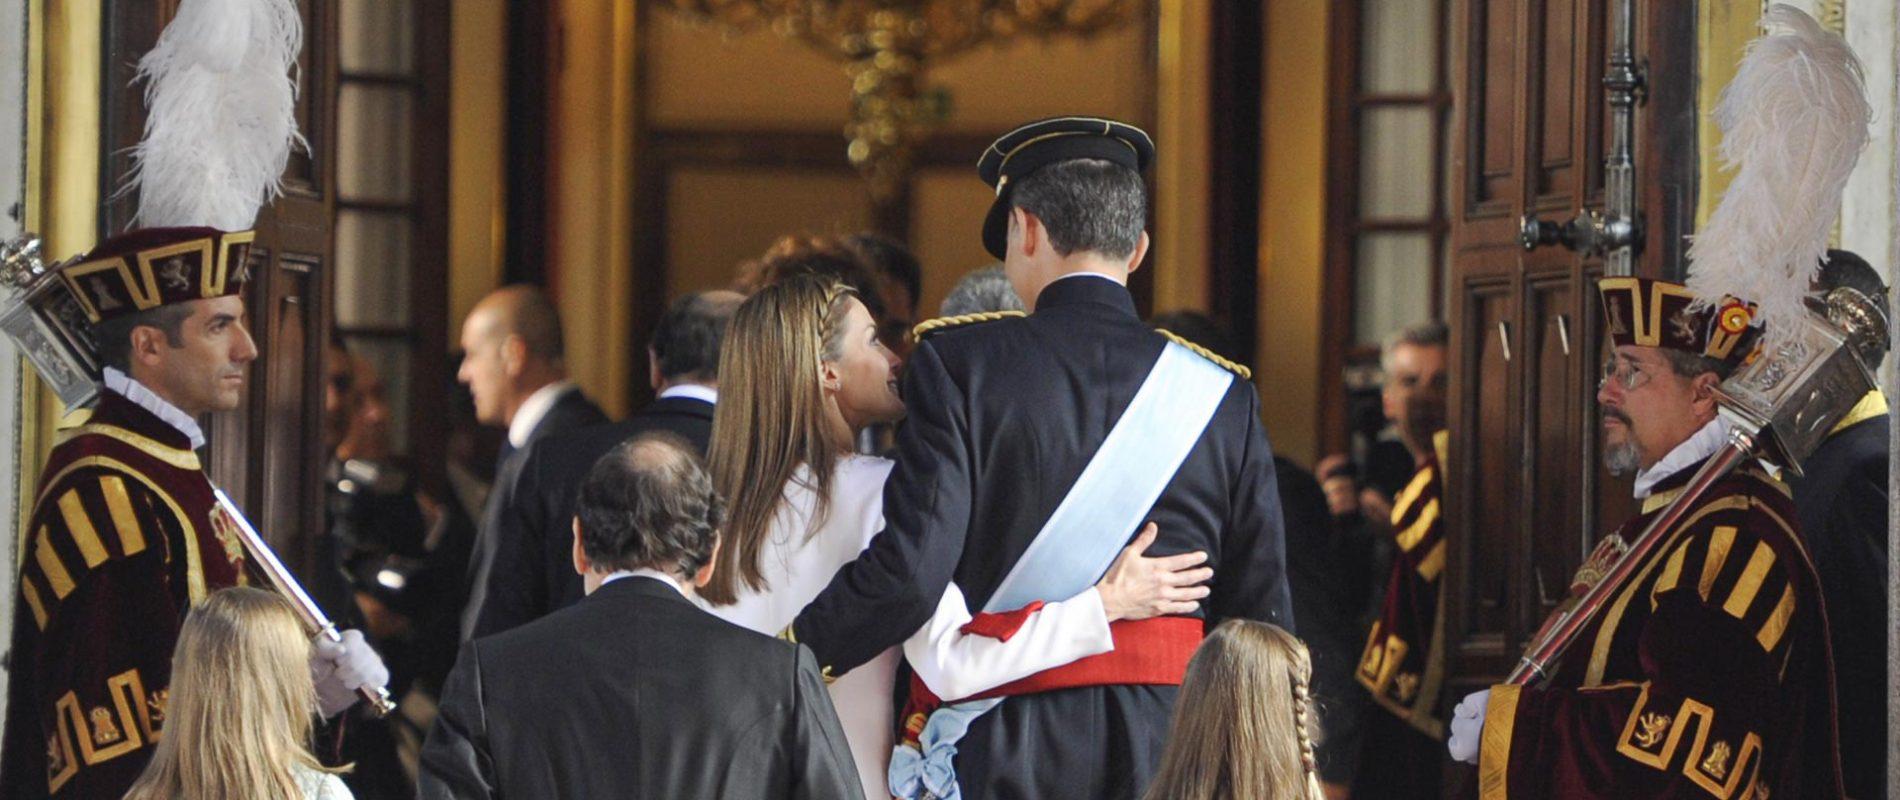 63. TU SERÁS MI REY. Los Reyes Felipe VI y Letizia se abrazan y se miran con cariño a la entrada del Congreso de los Diputados antes de la proclamación como Reyes de España.